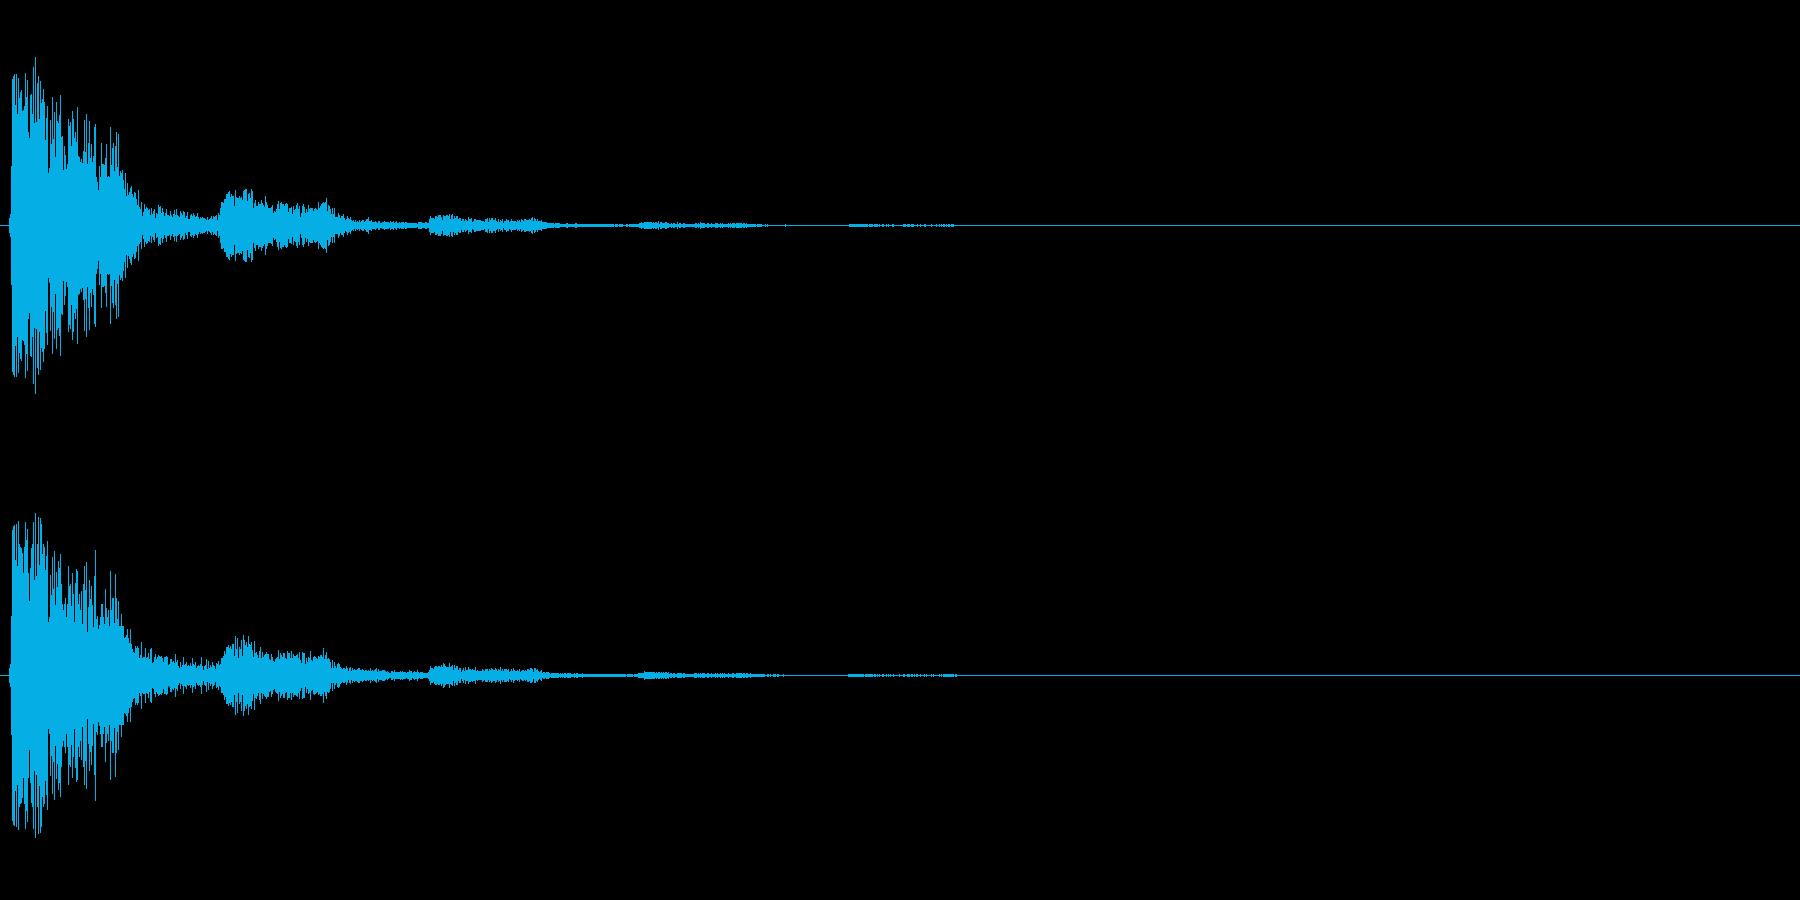 【打撃02-2】の再生済みの波形